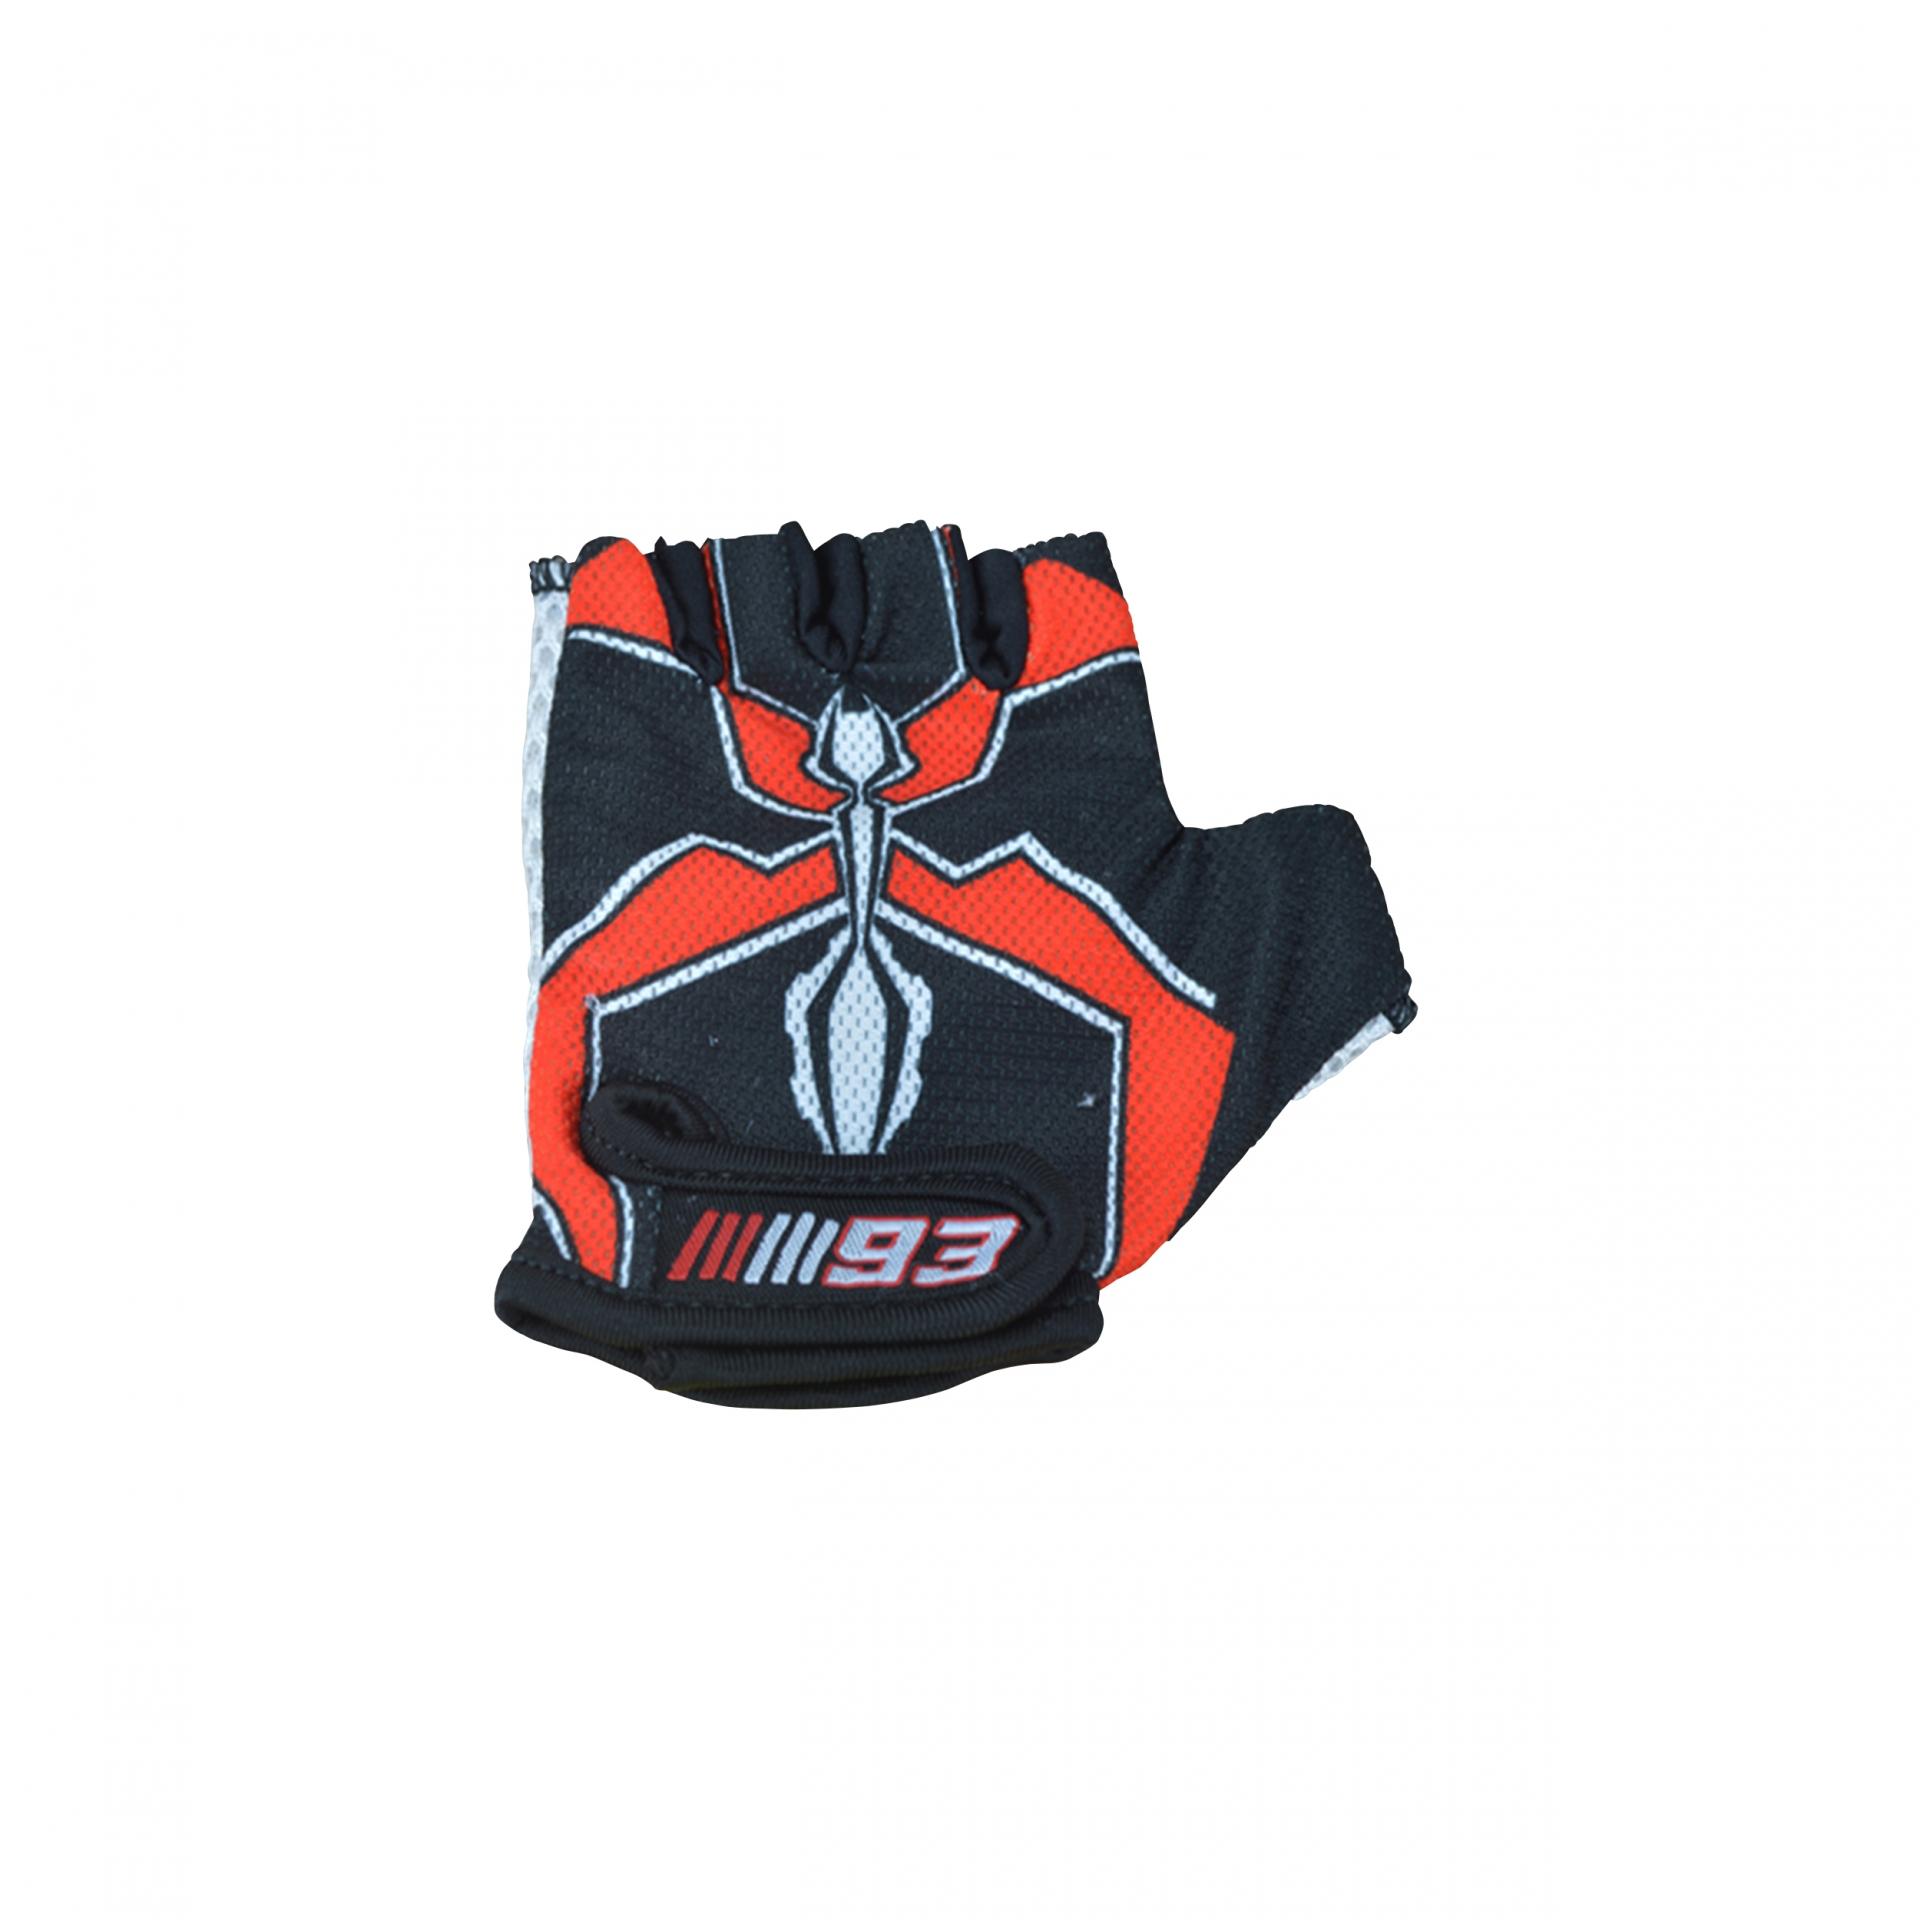 Gants vélo enfant Kiddimoto Marc Marquez 93 Noir/Rouge - S (2 ans-5 ans)